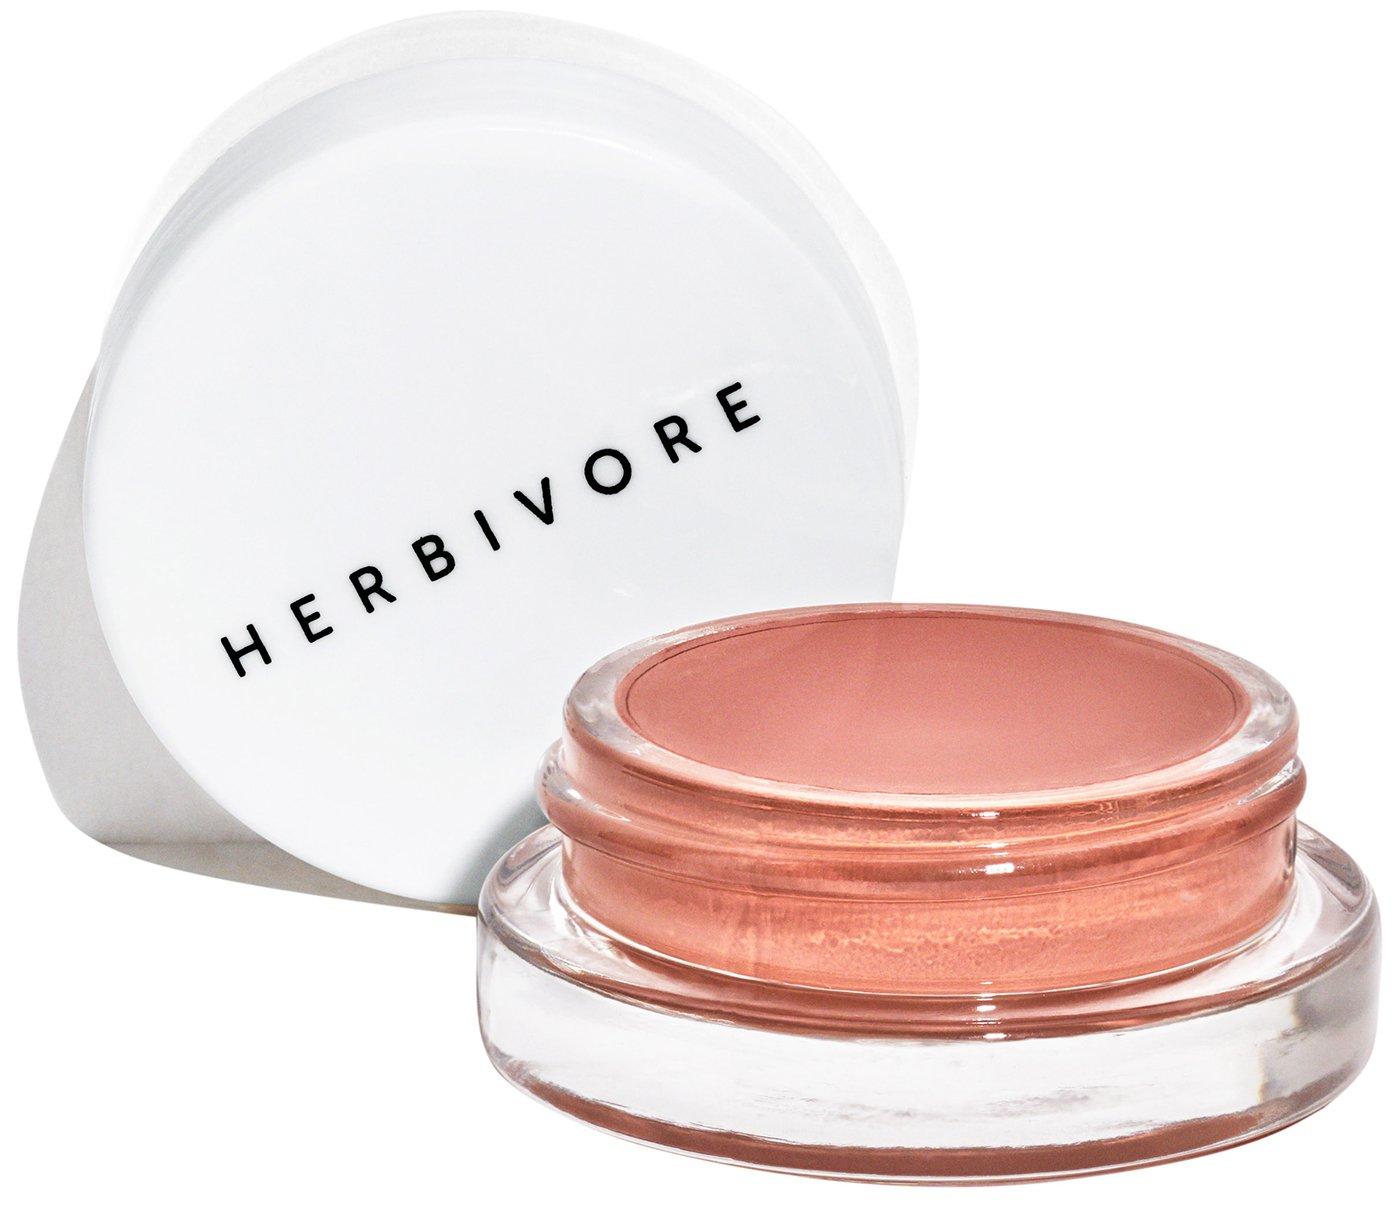 Herbivore Botanicals - Natural Coco Rose Lip Tint